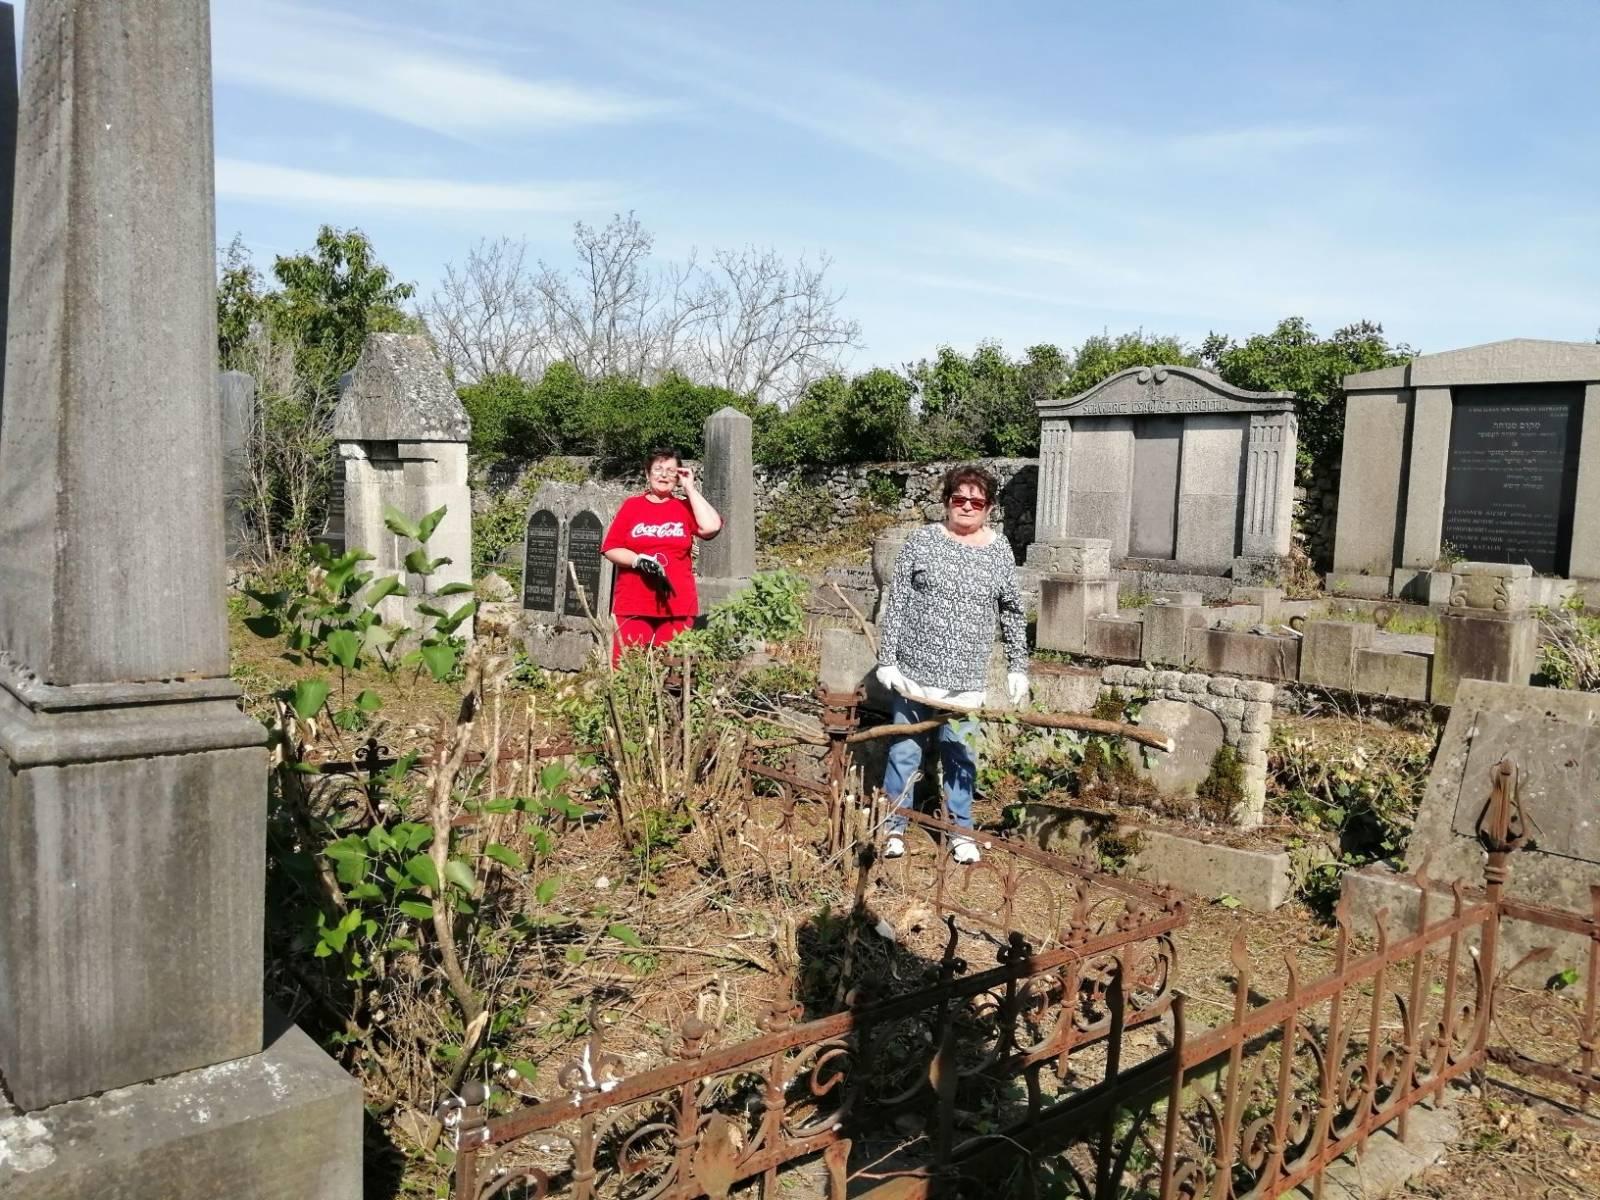 Helyi civilek teszik rendbe a tapolcai zsidó temetőt – Kibic Magazin